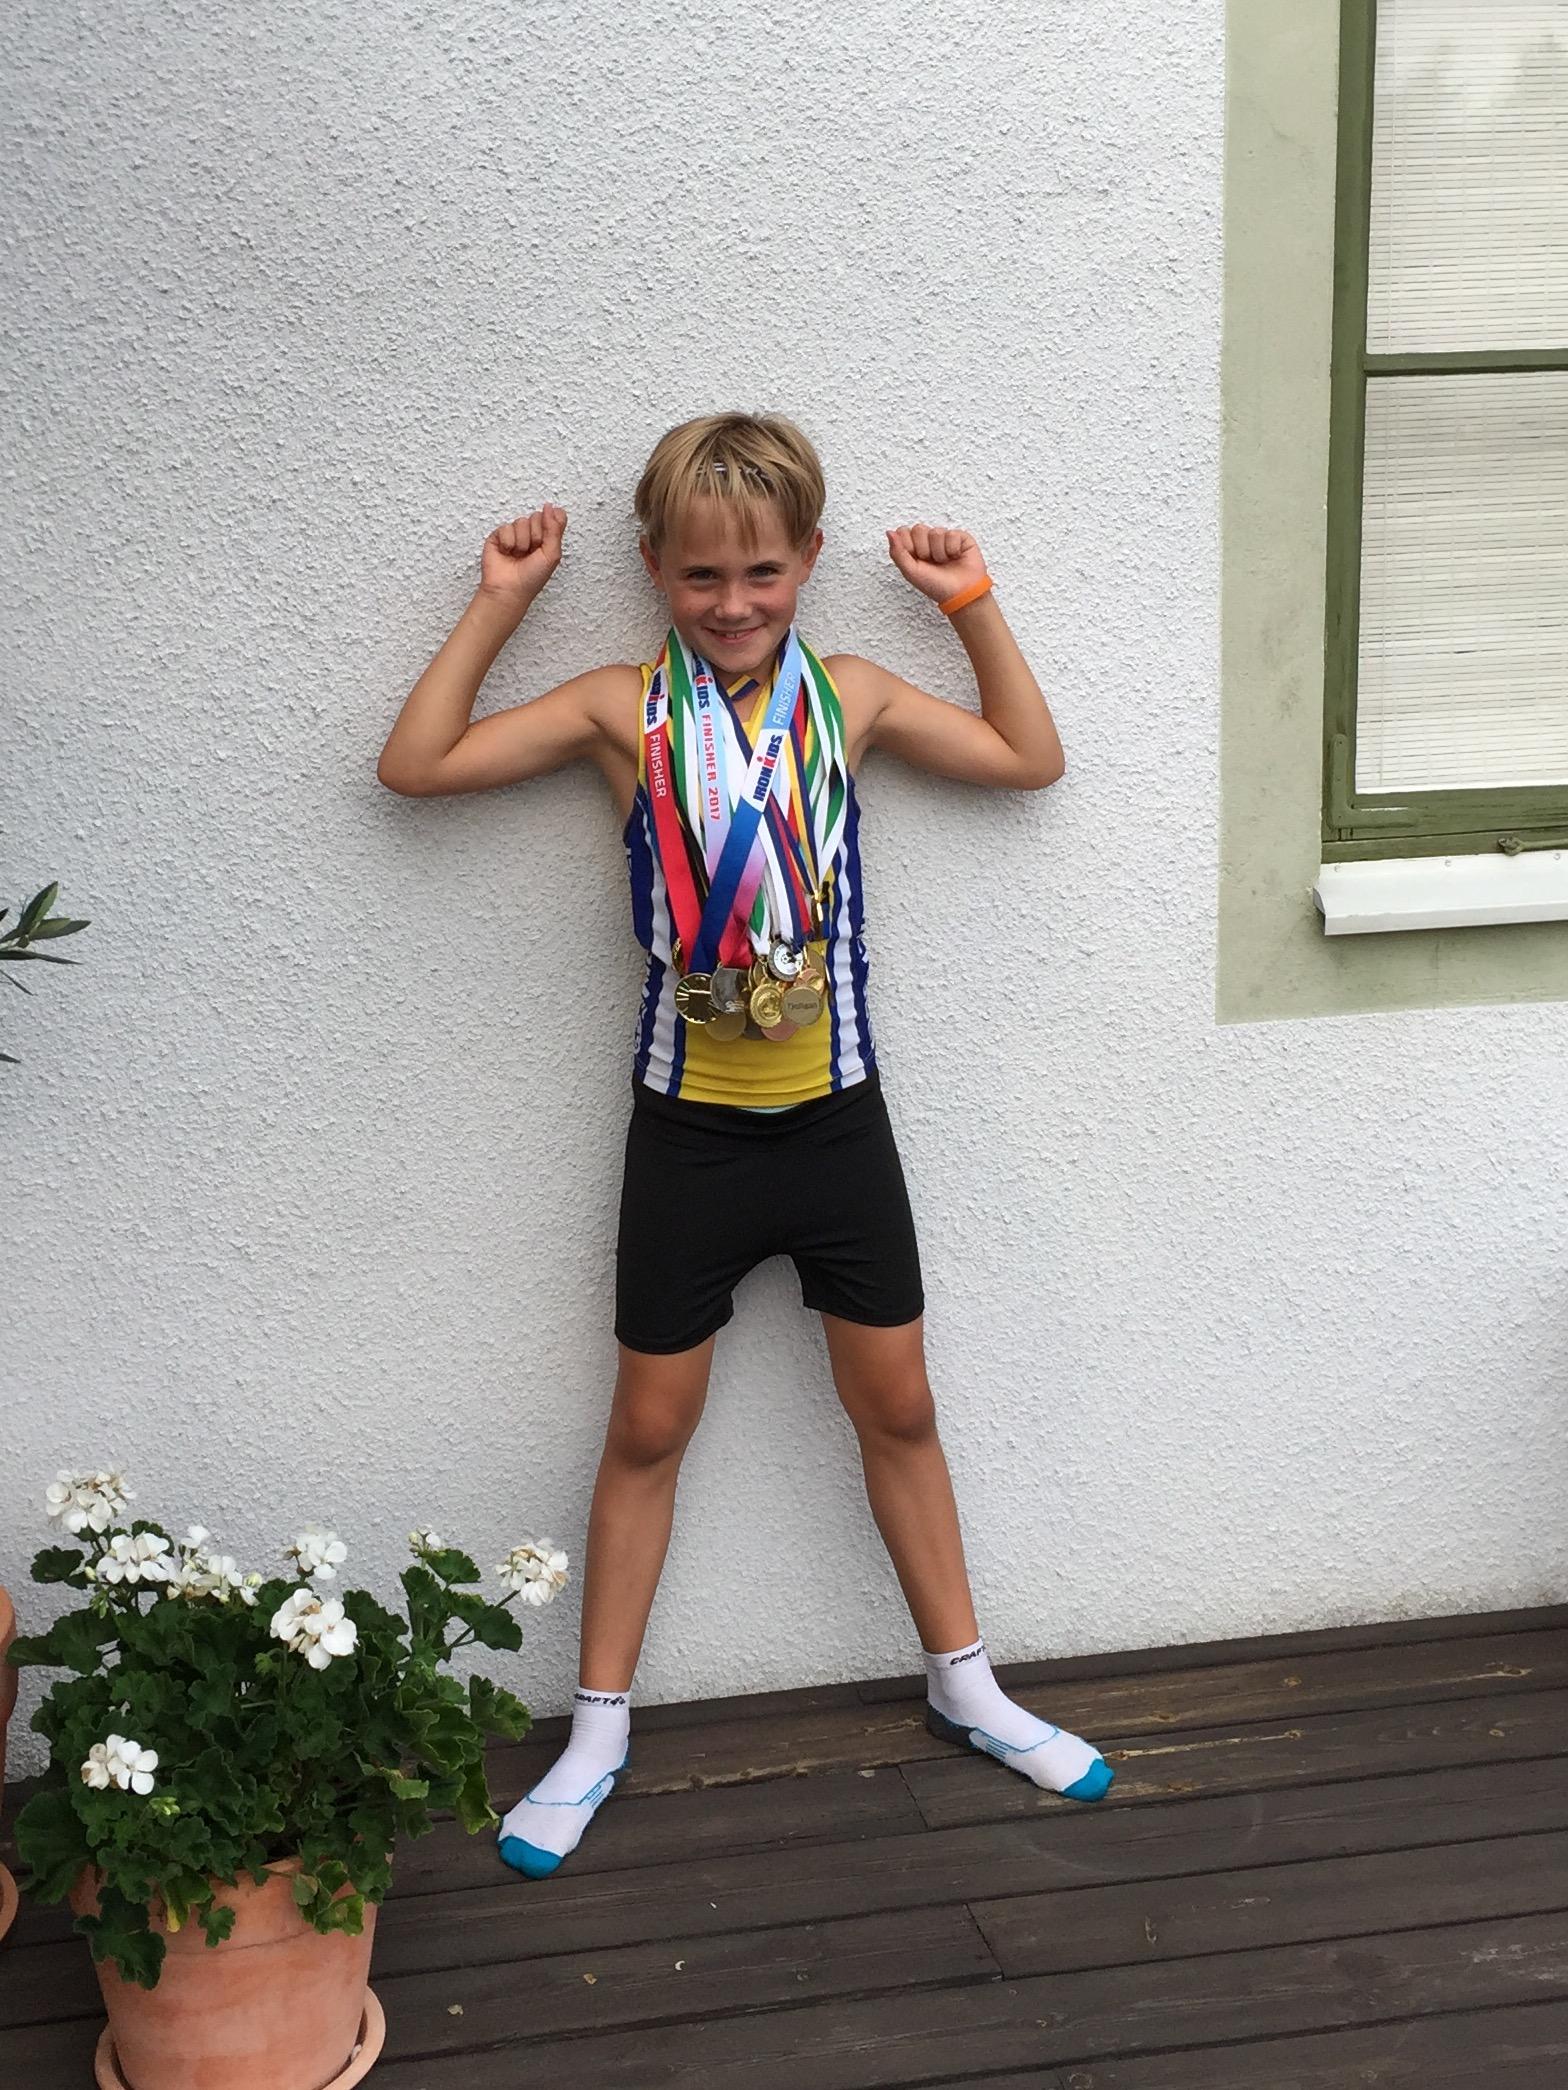 5c2d8a9c8d2 Nu har Asta 43 medaljer. Asta bjöd in oss till att fira med Ironmantårta  hemma i Läckeby efteråt. Hon visade oss sina medaljer. Morfar och Asta hade  räknat ...